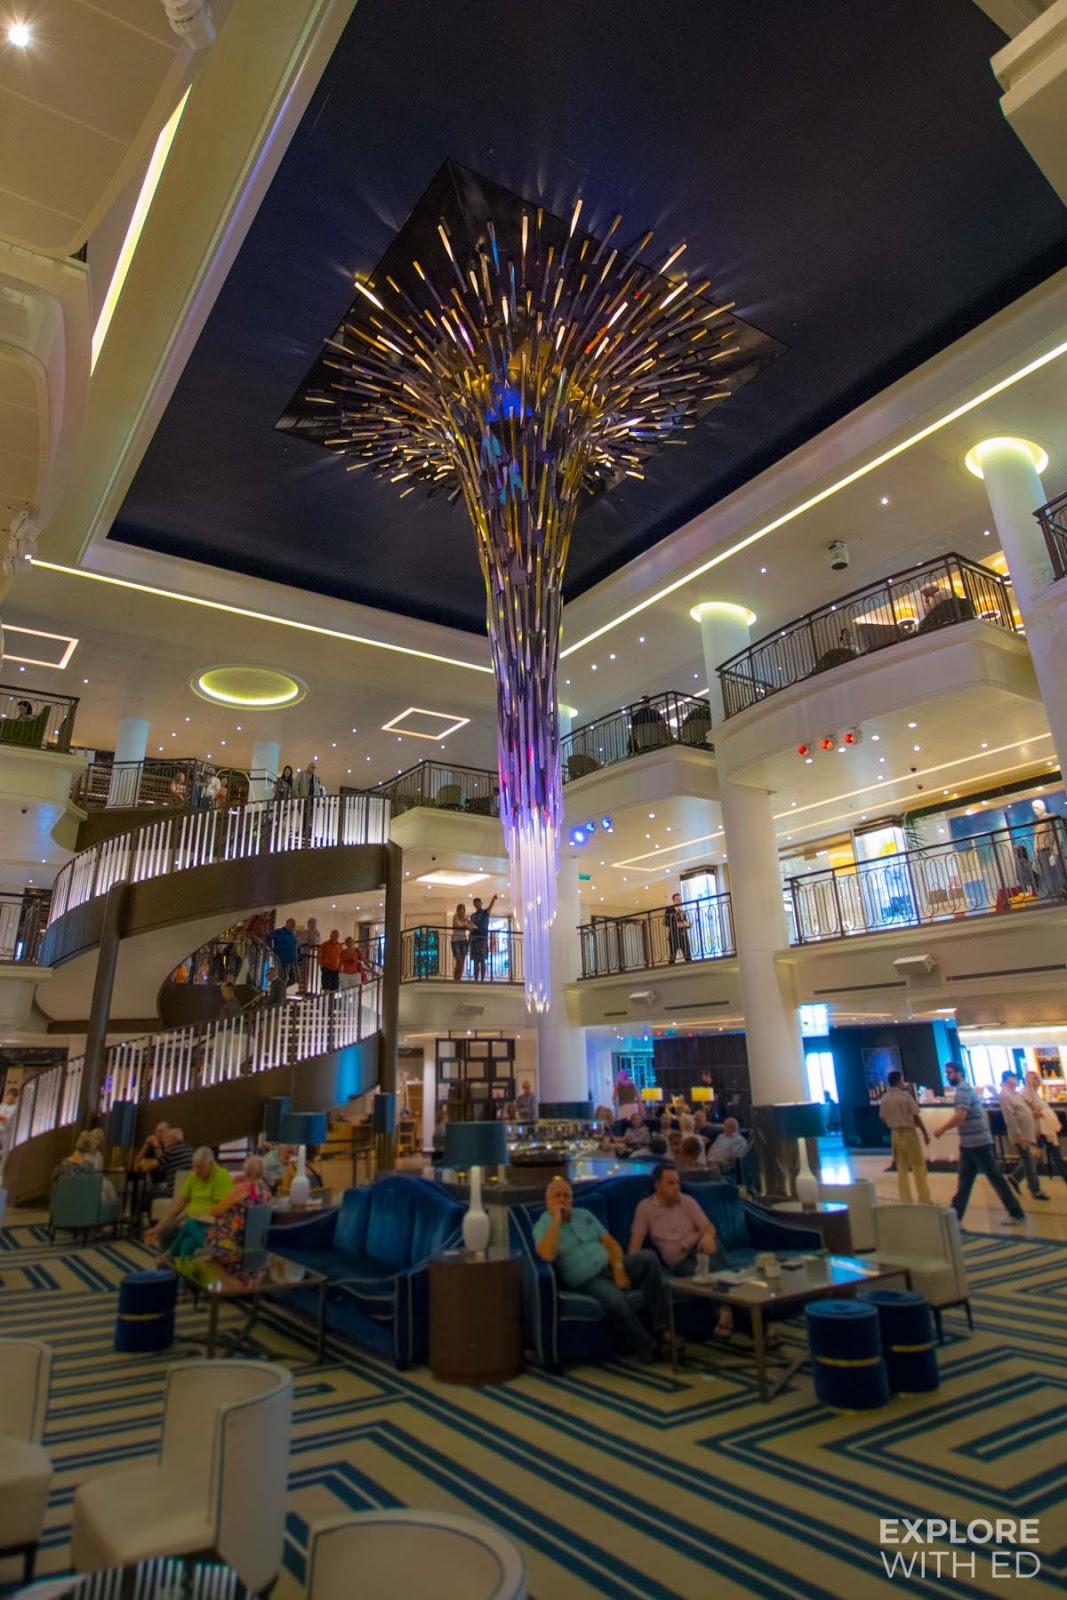 The atrium and starburst artwork onboard P&O Cruises Britannia